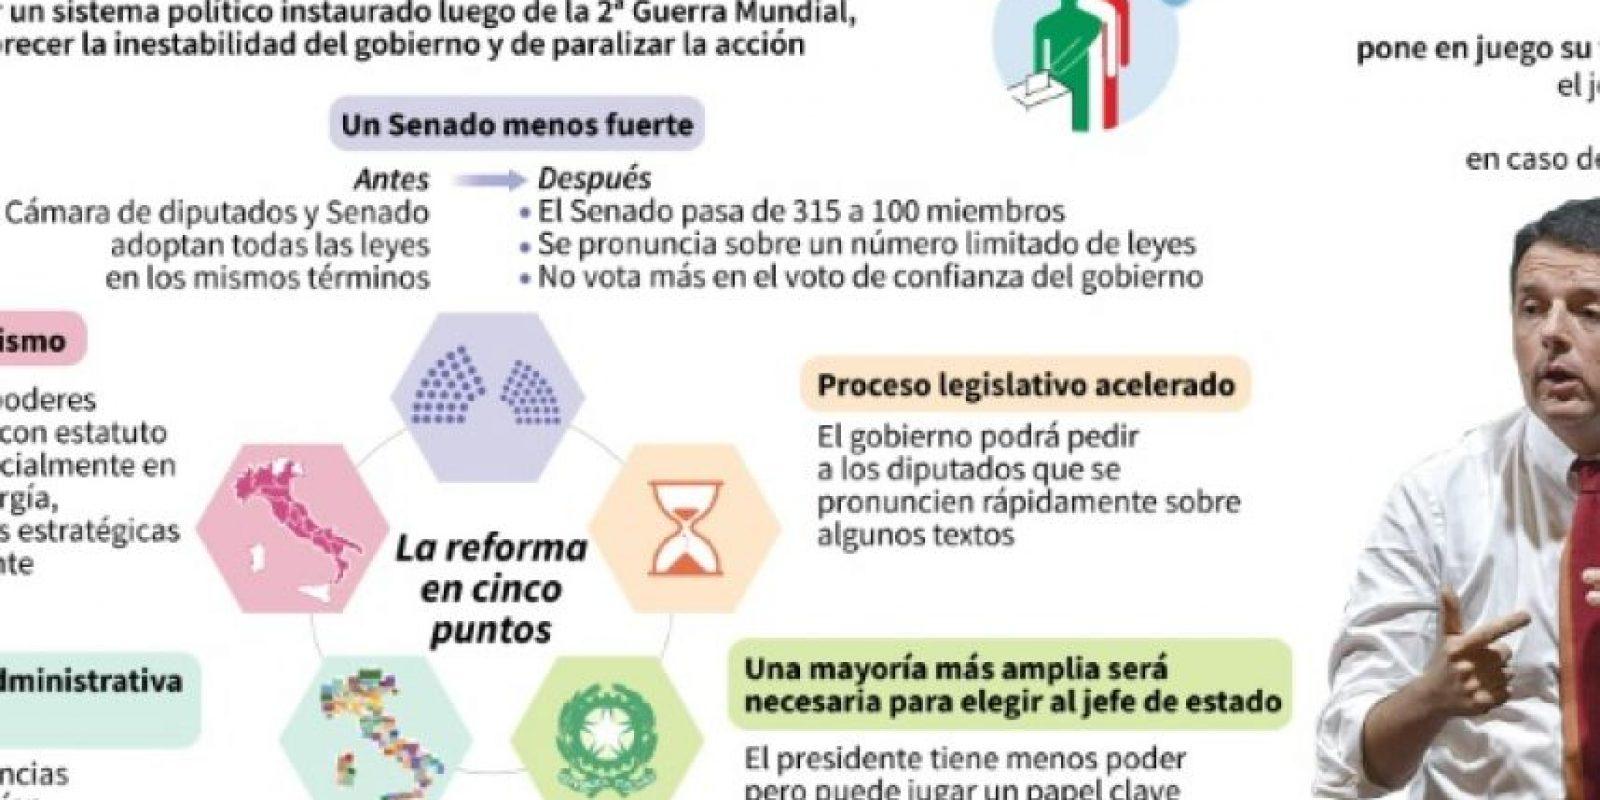 Los puntos clave de la propuesta de reforma constitucional en Italia Foto:Aude GENET, Valentina BRESCHI/afp.com